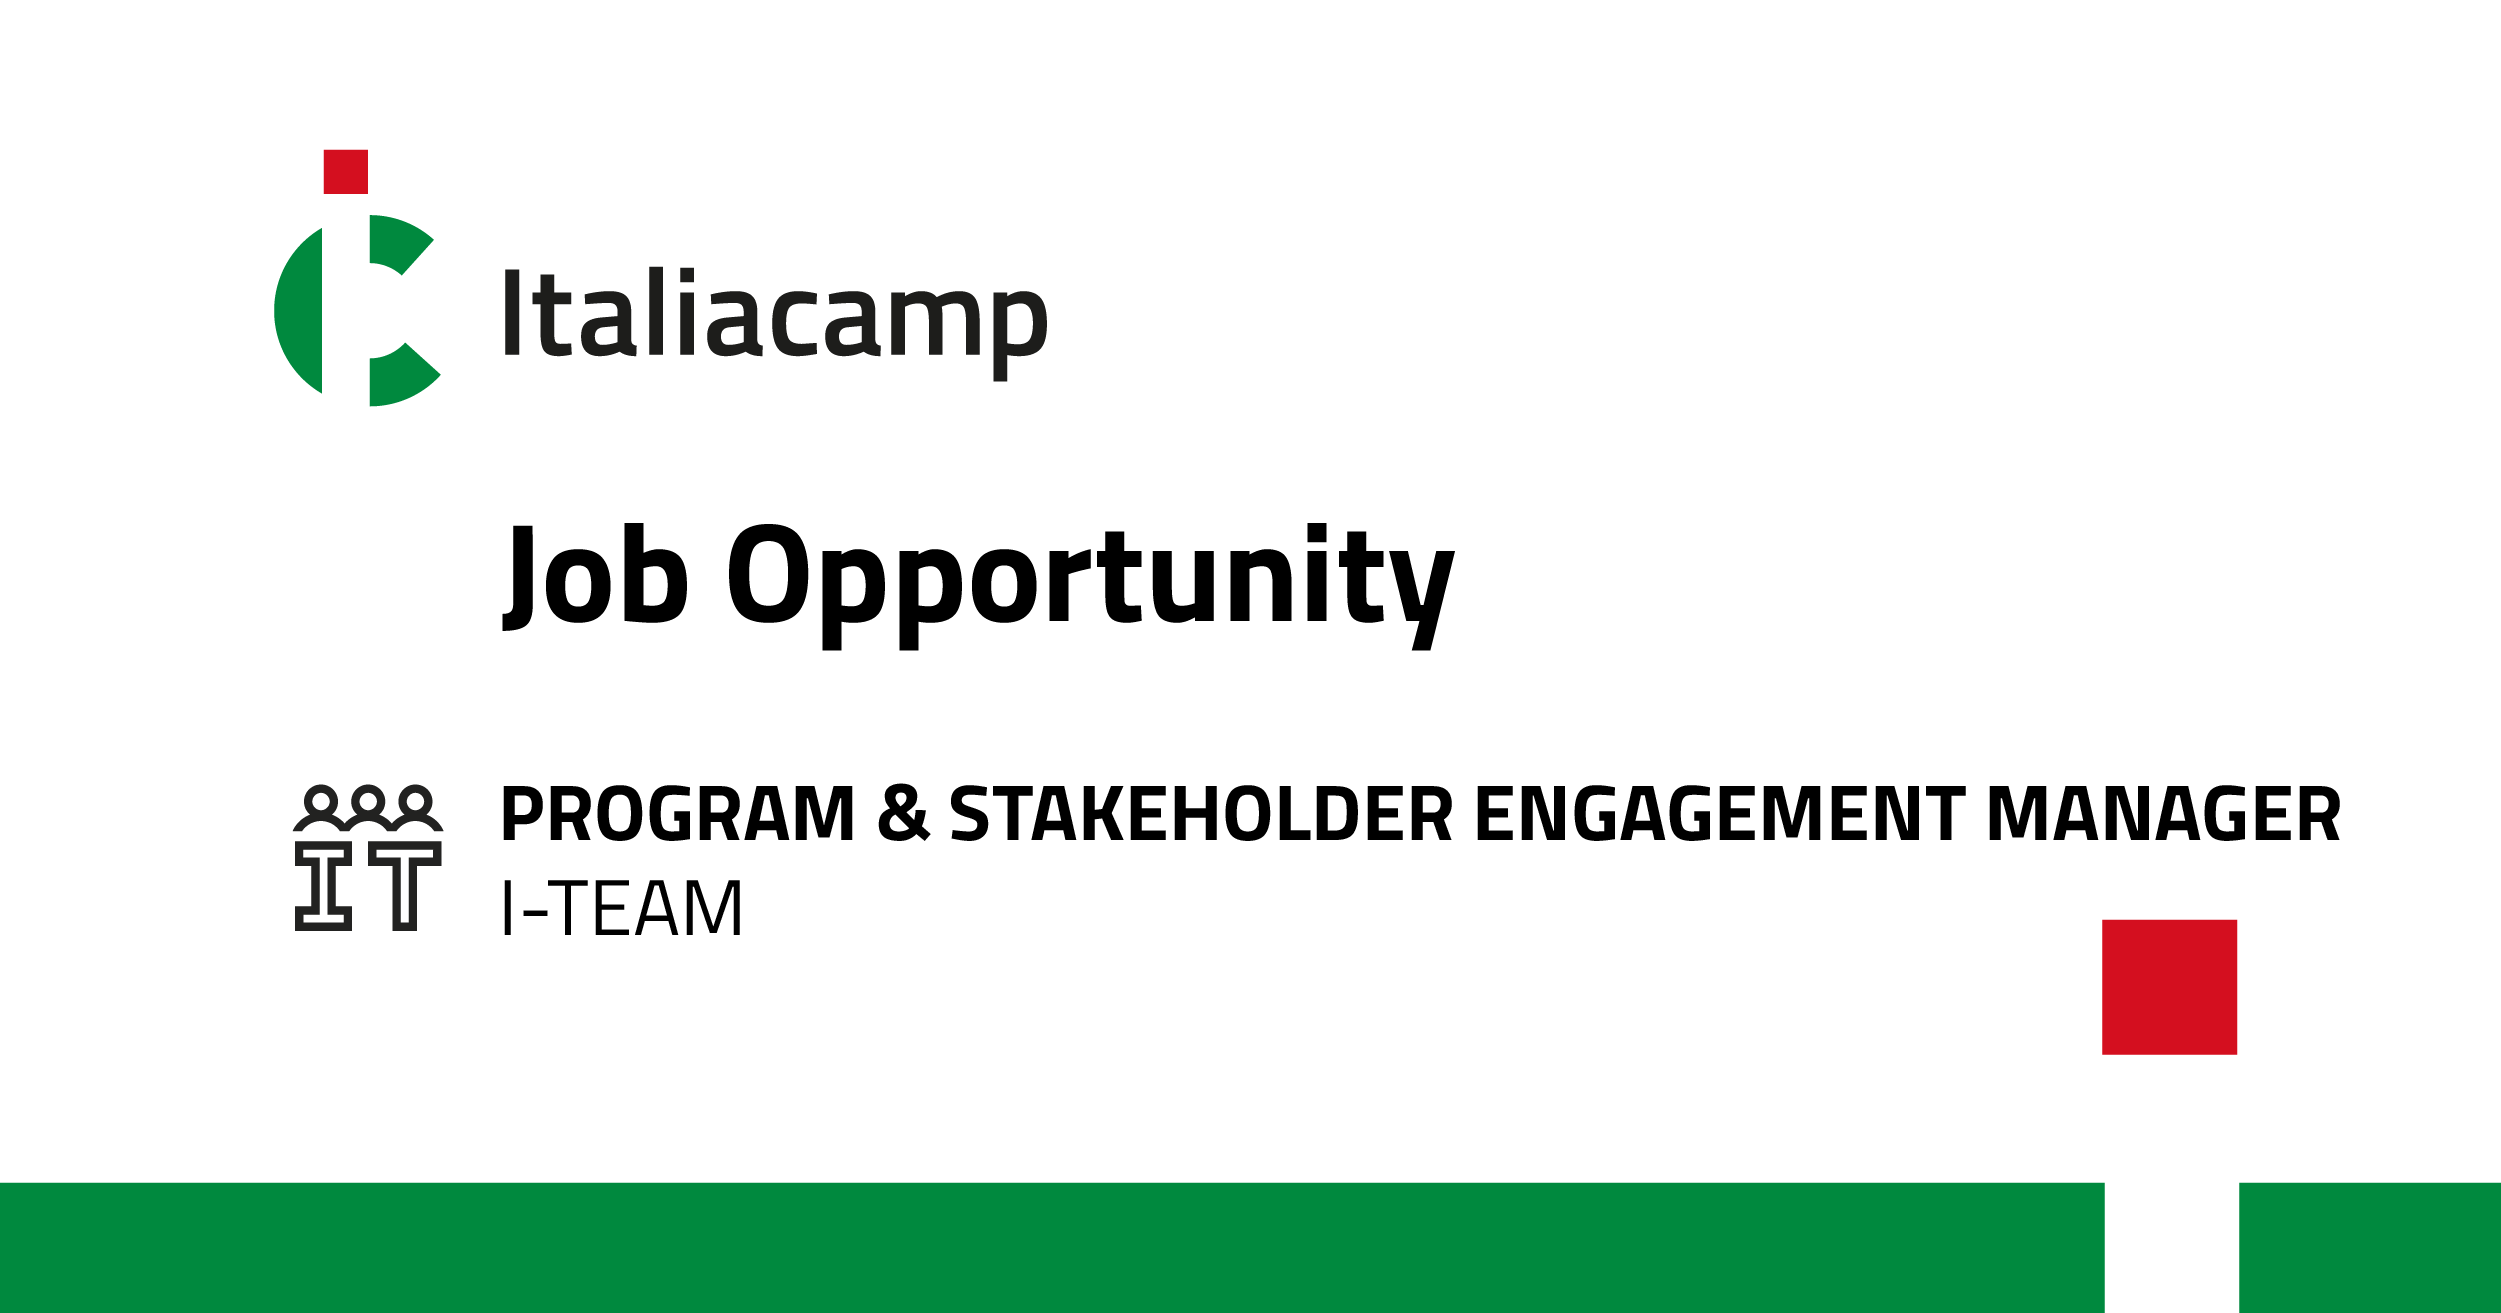 job opportunity program e stakeholder engagement manager